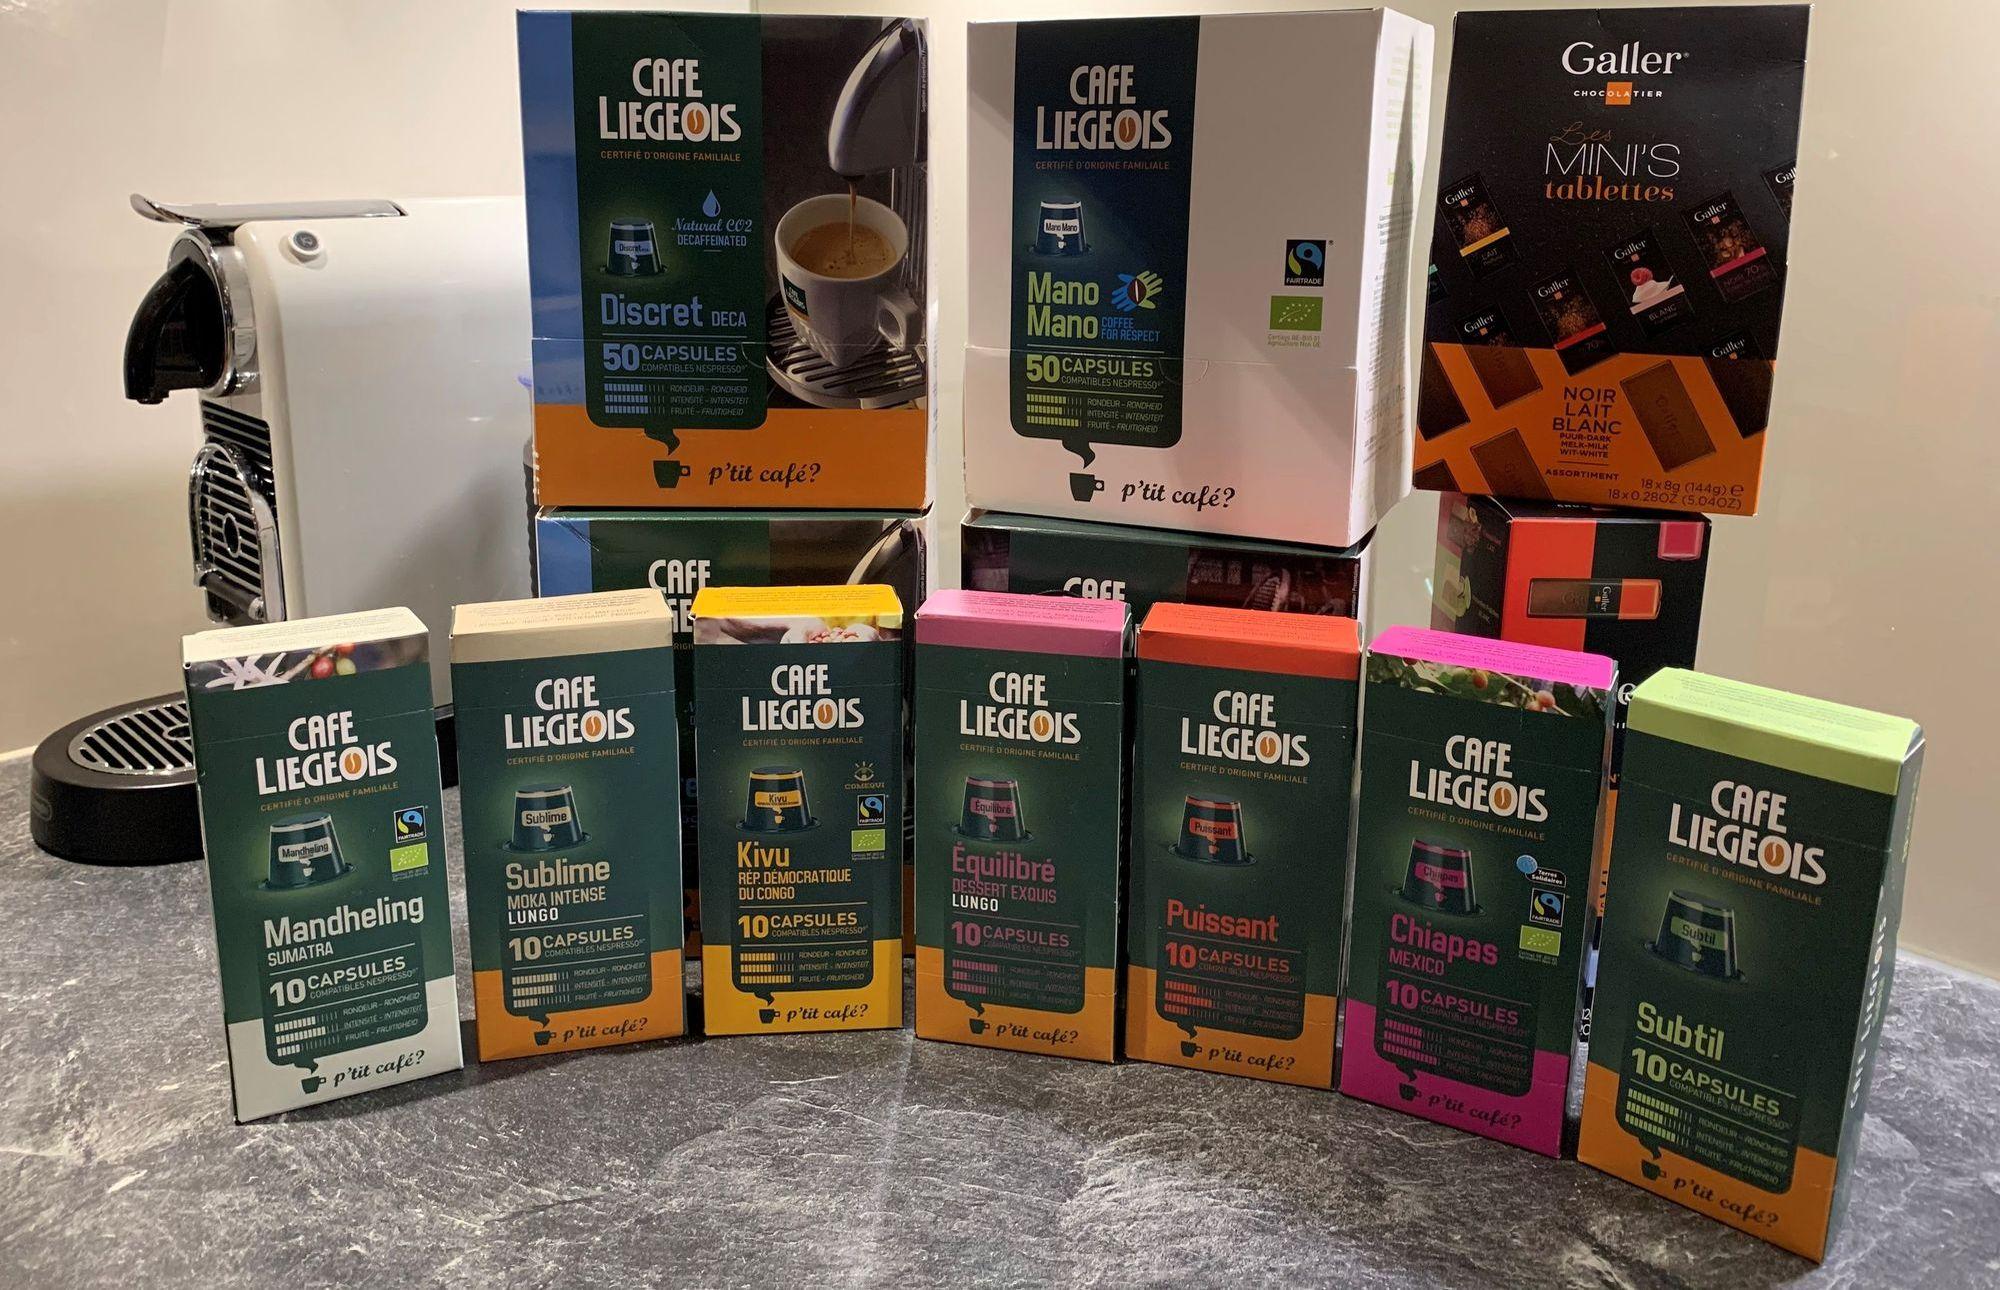 Cafe Liegeois von kaffeekumpeln.de